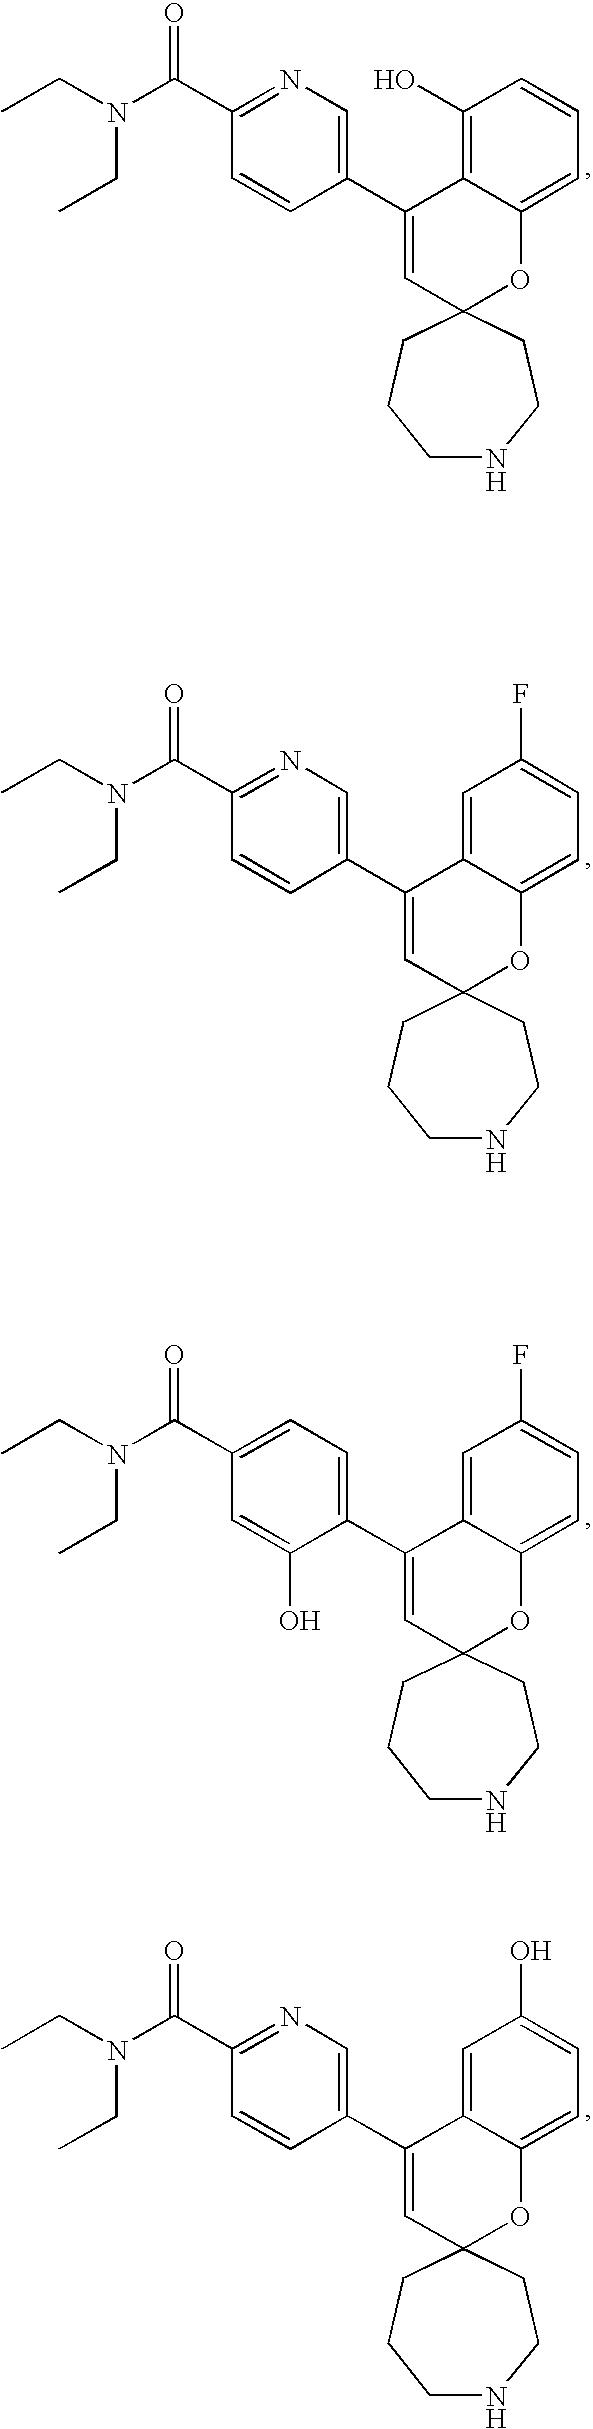 Figure US07598261-20091006-C00038